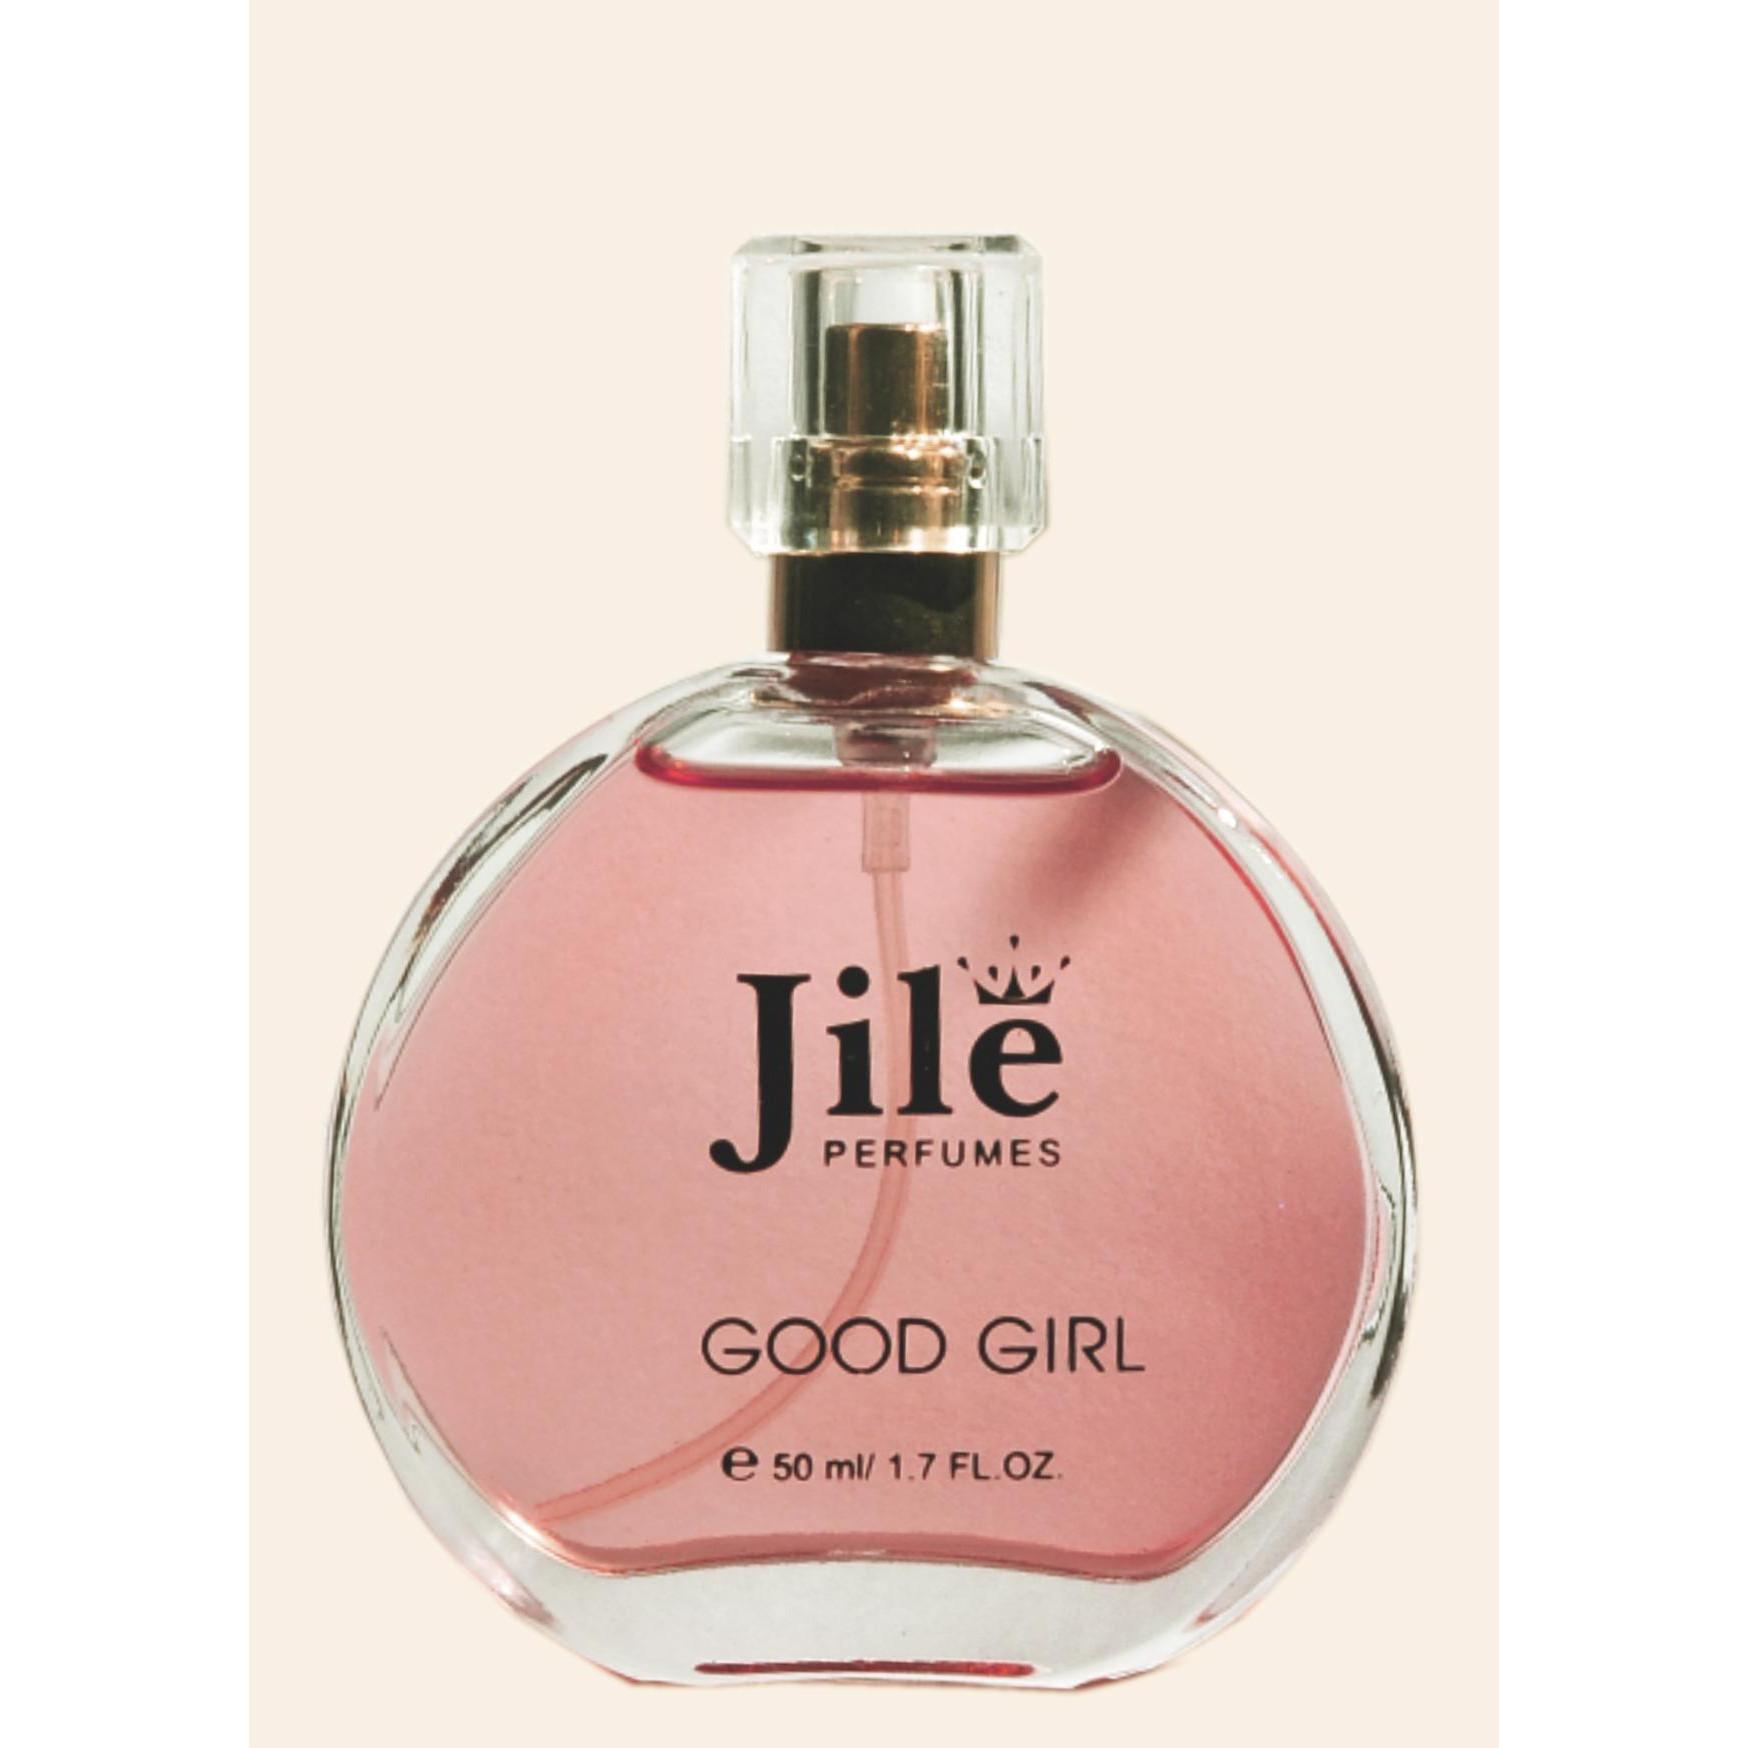 Nước hoa nữ cao cấp chính hãng Jile Good Girl 50ml với hương thơm ngọt ngào, nữ tính